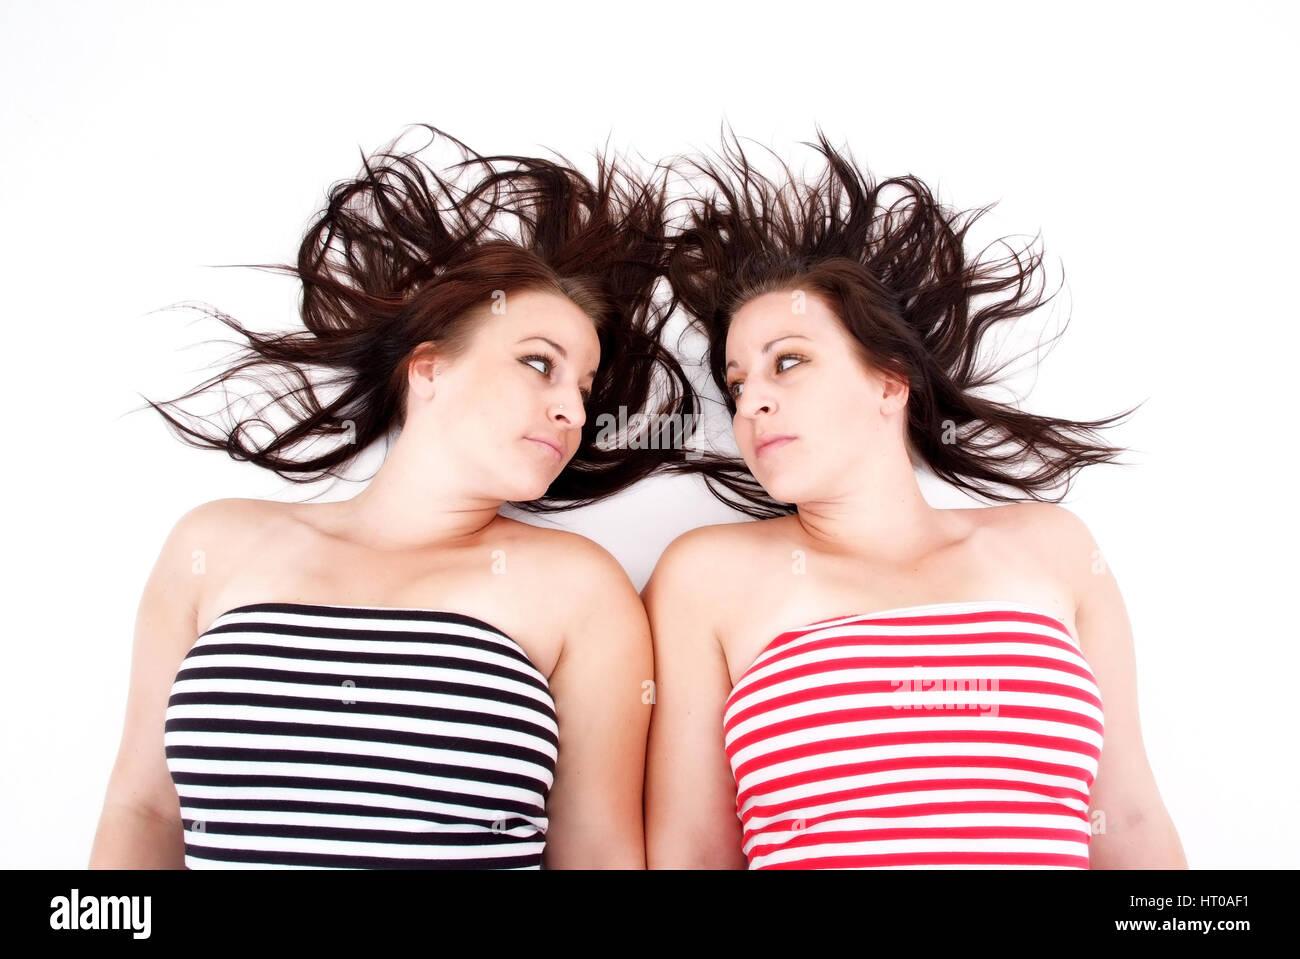 Zwillingsm?dchen mit langen, braunen Haaren - twins, dark-haired - Stock Image